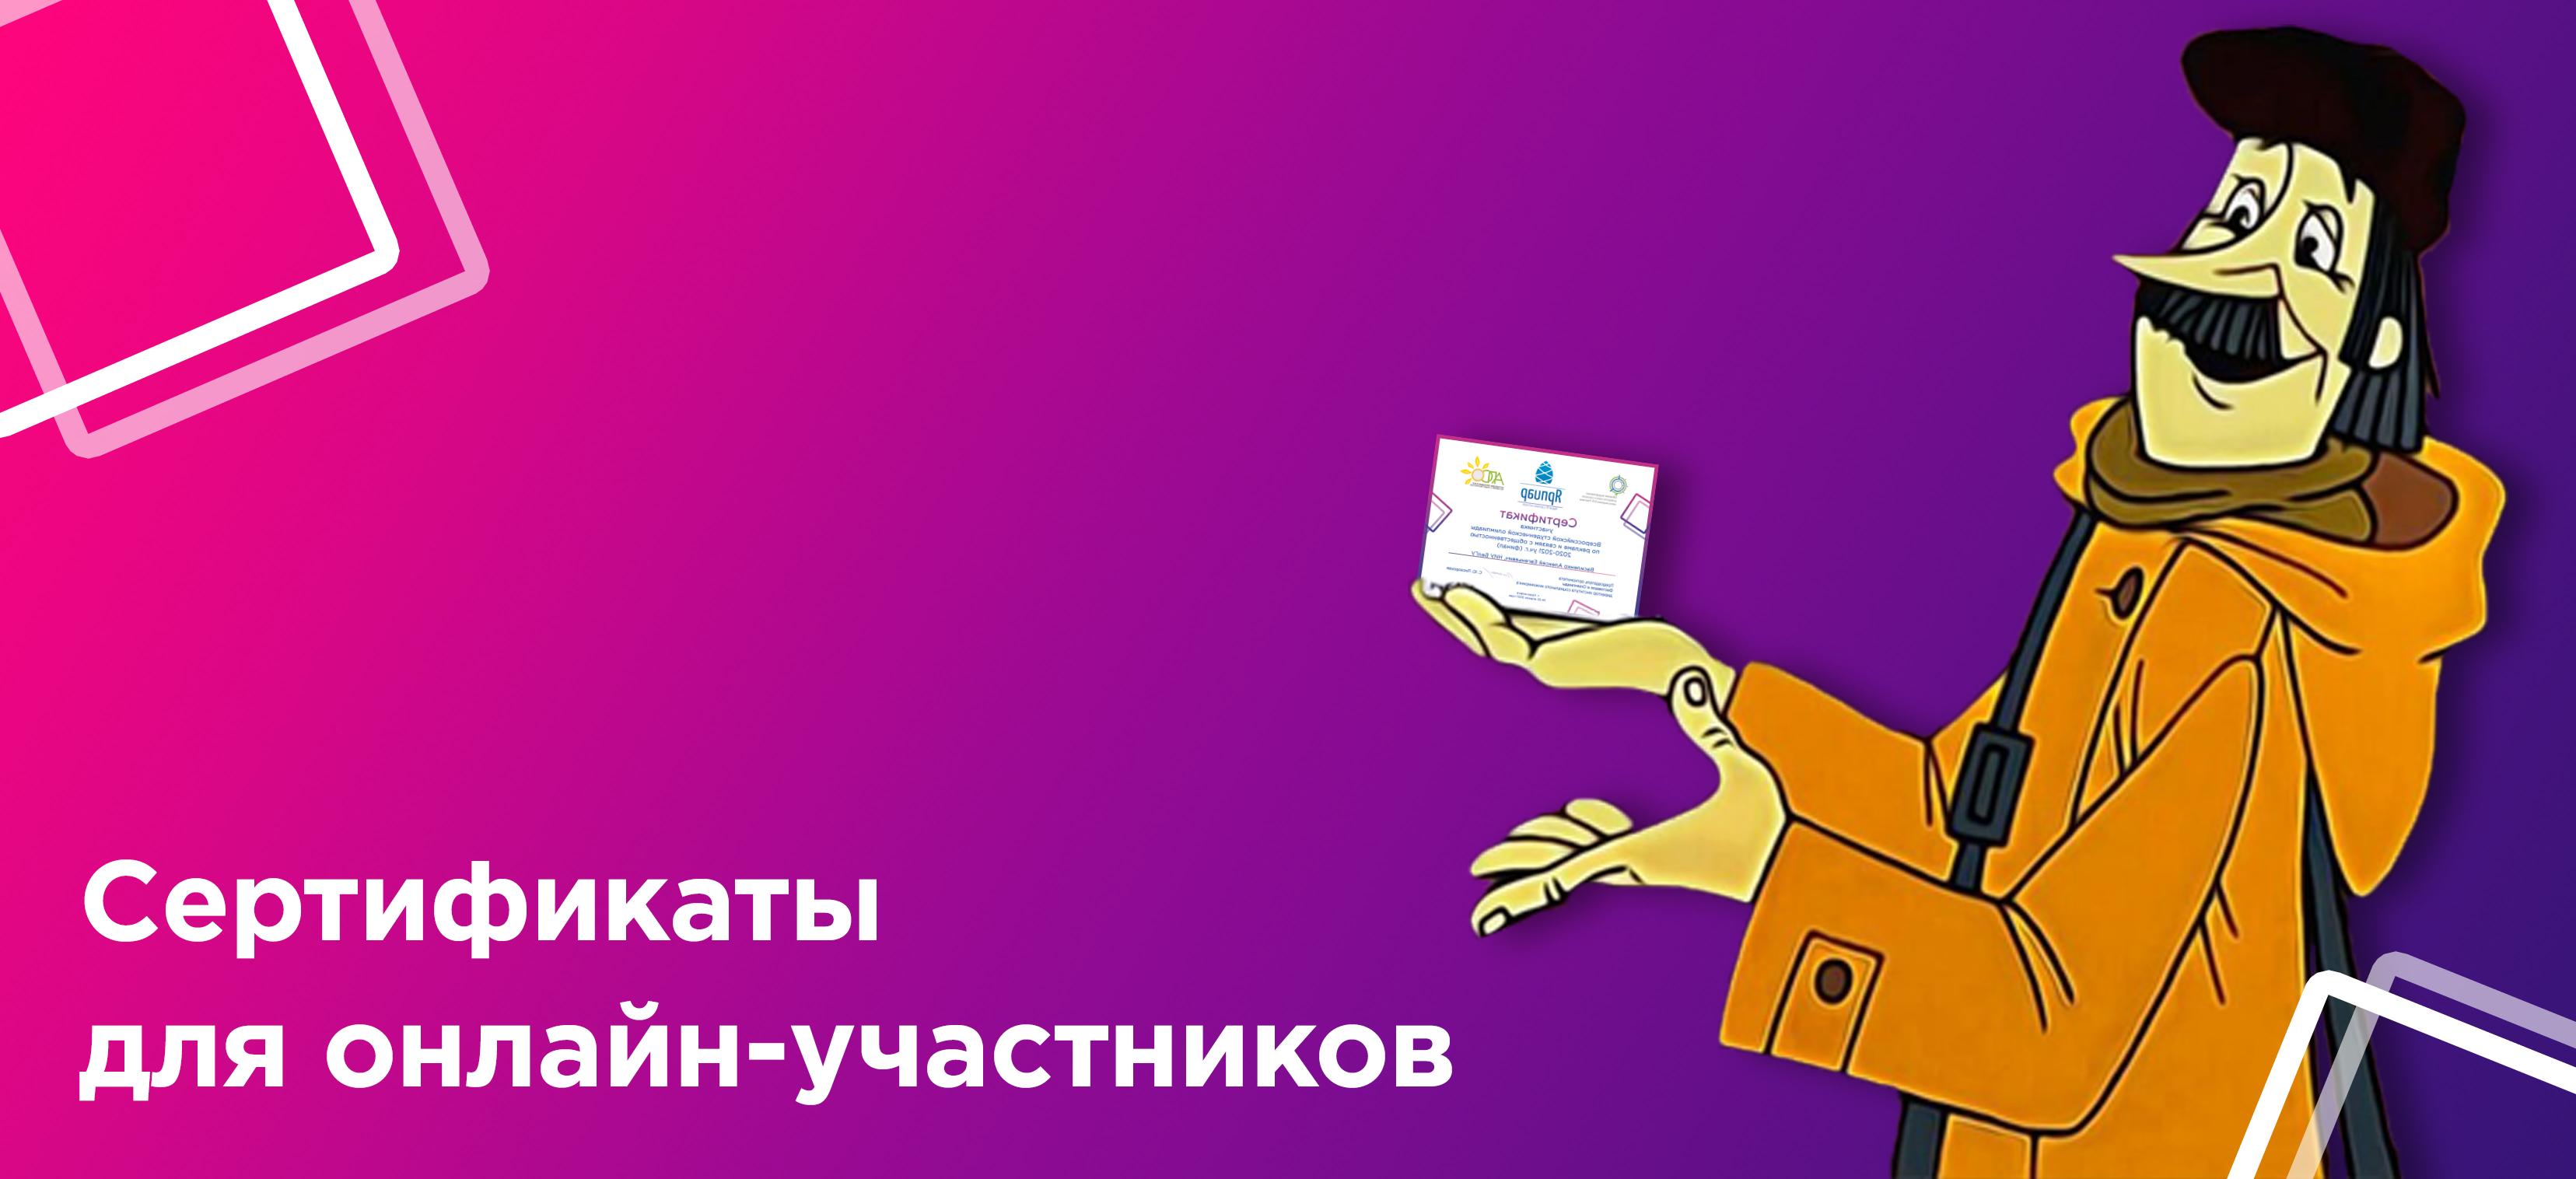 сертификаты для онлайн-участников